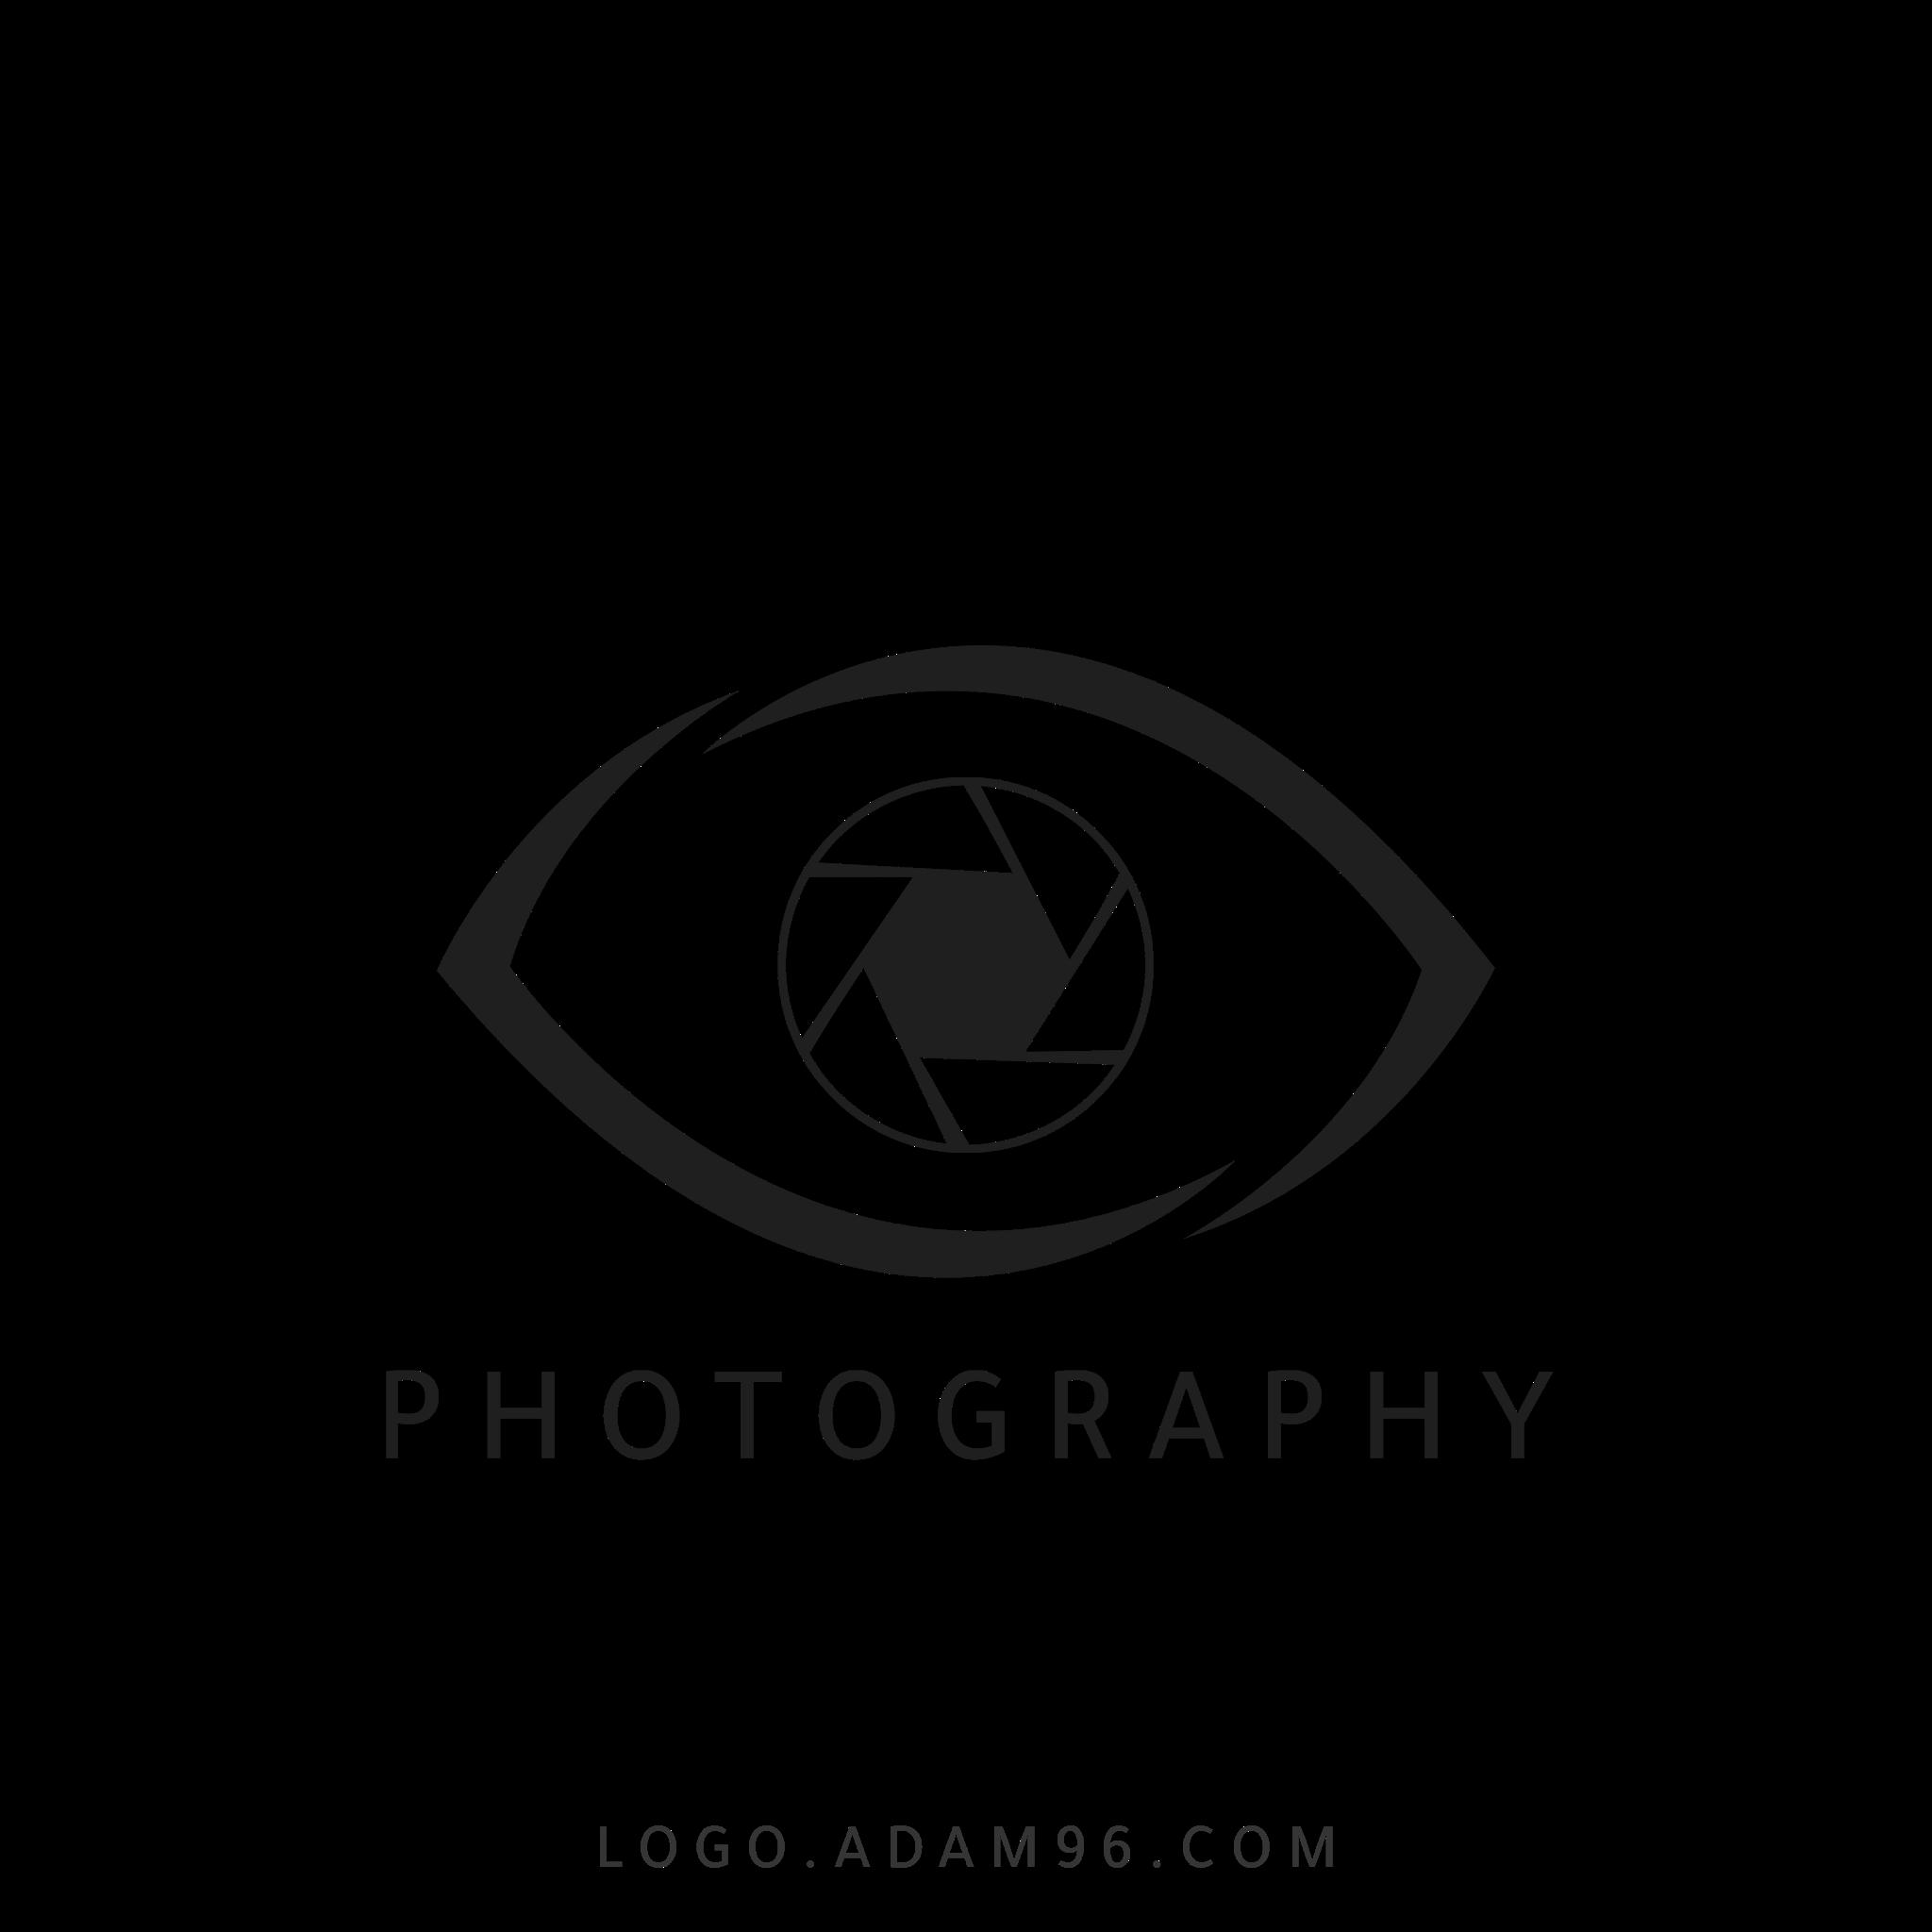 هدية لكل مصور شعار احترافي مجاناً بدون حقوق بصيغة PNG شفاف